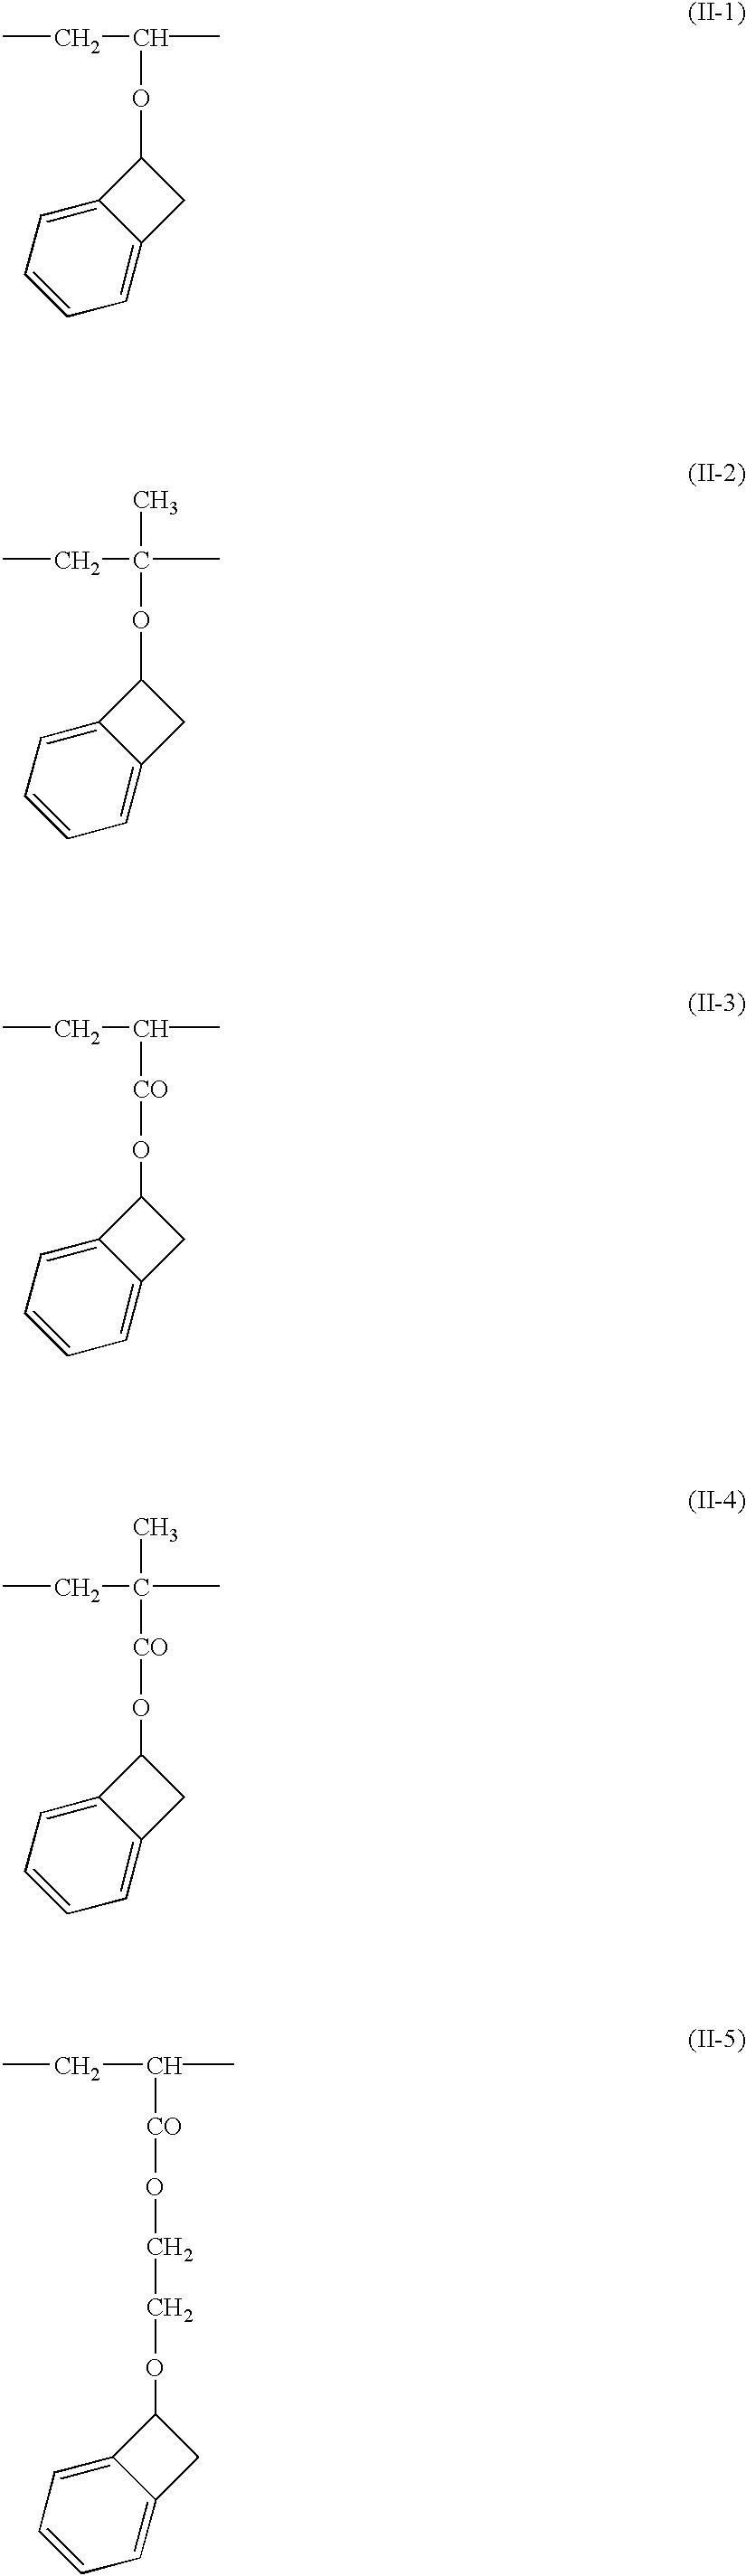 Figure US20030165778A1-20030904-C00023